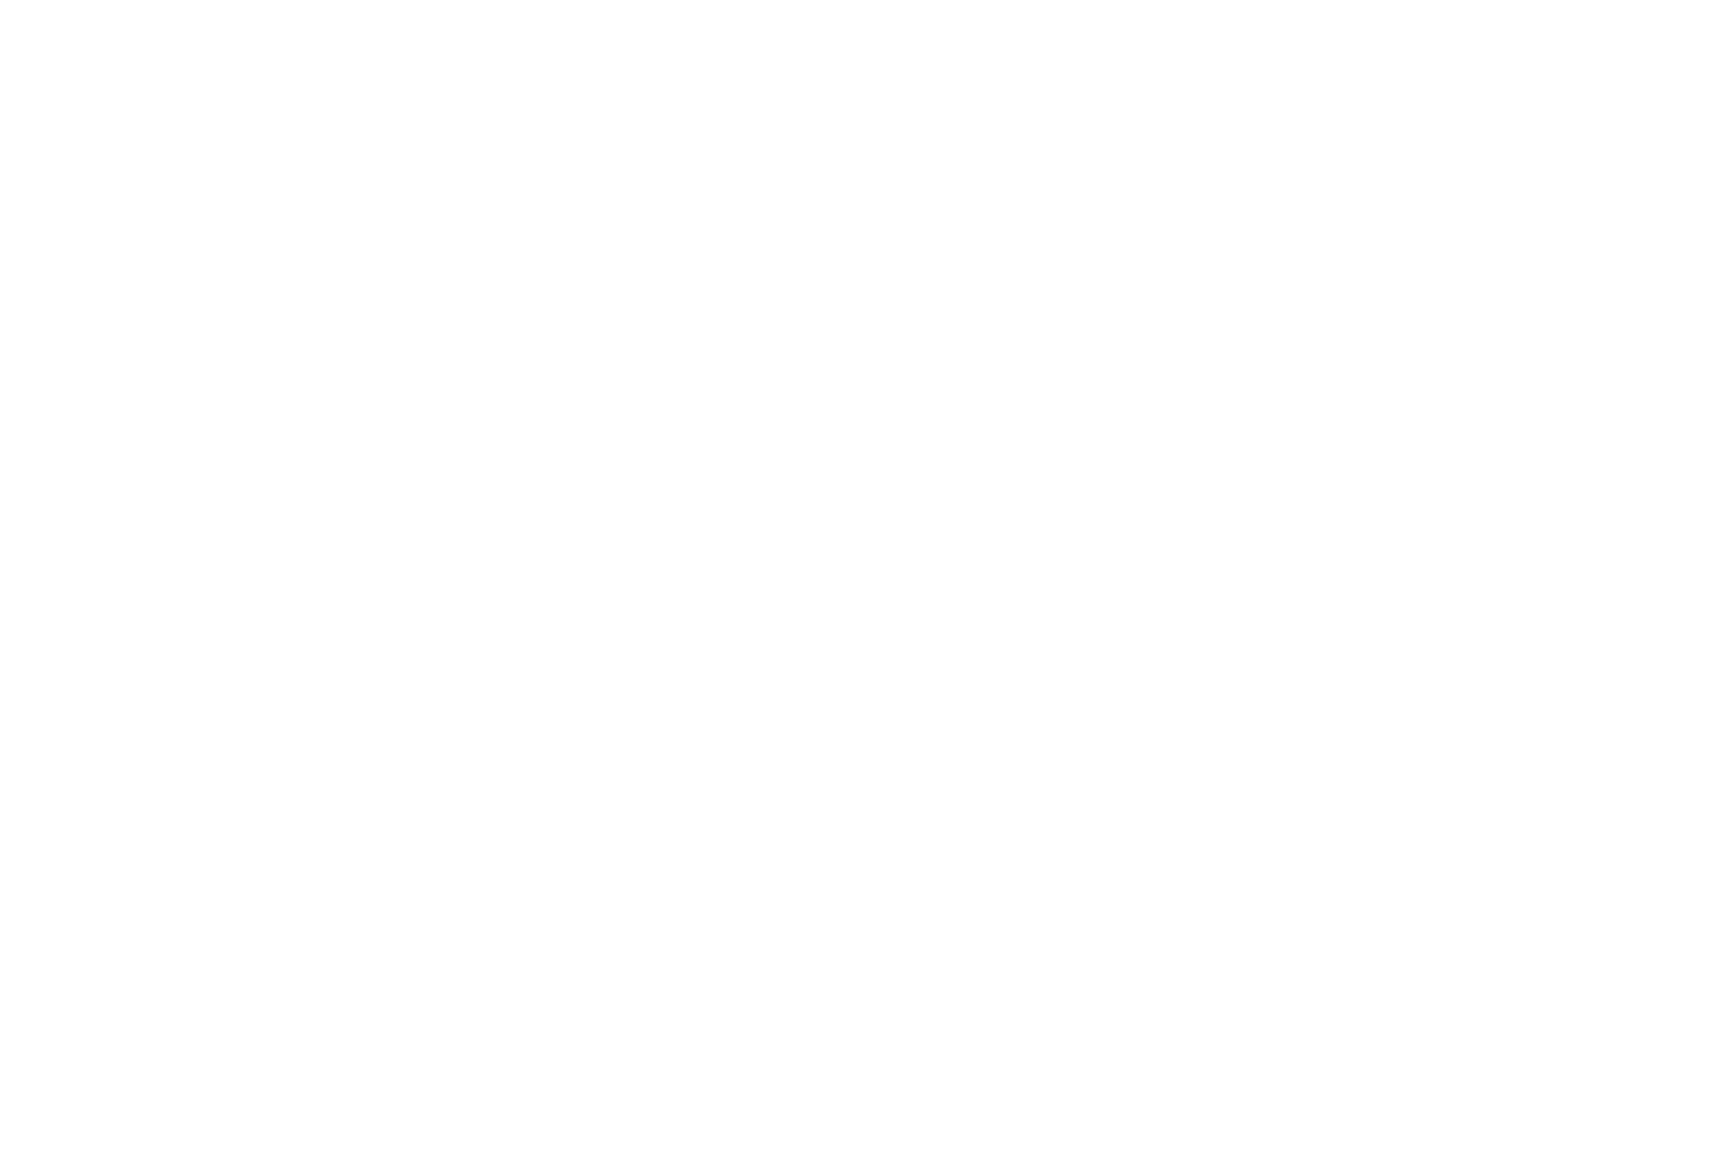 BEST SOCIAL AWARENESS - Las Vegas Black Film Festival - 2019.png